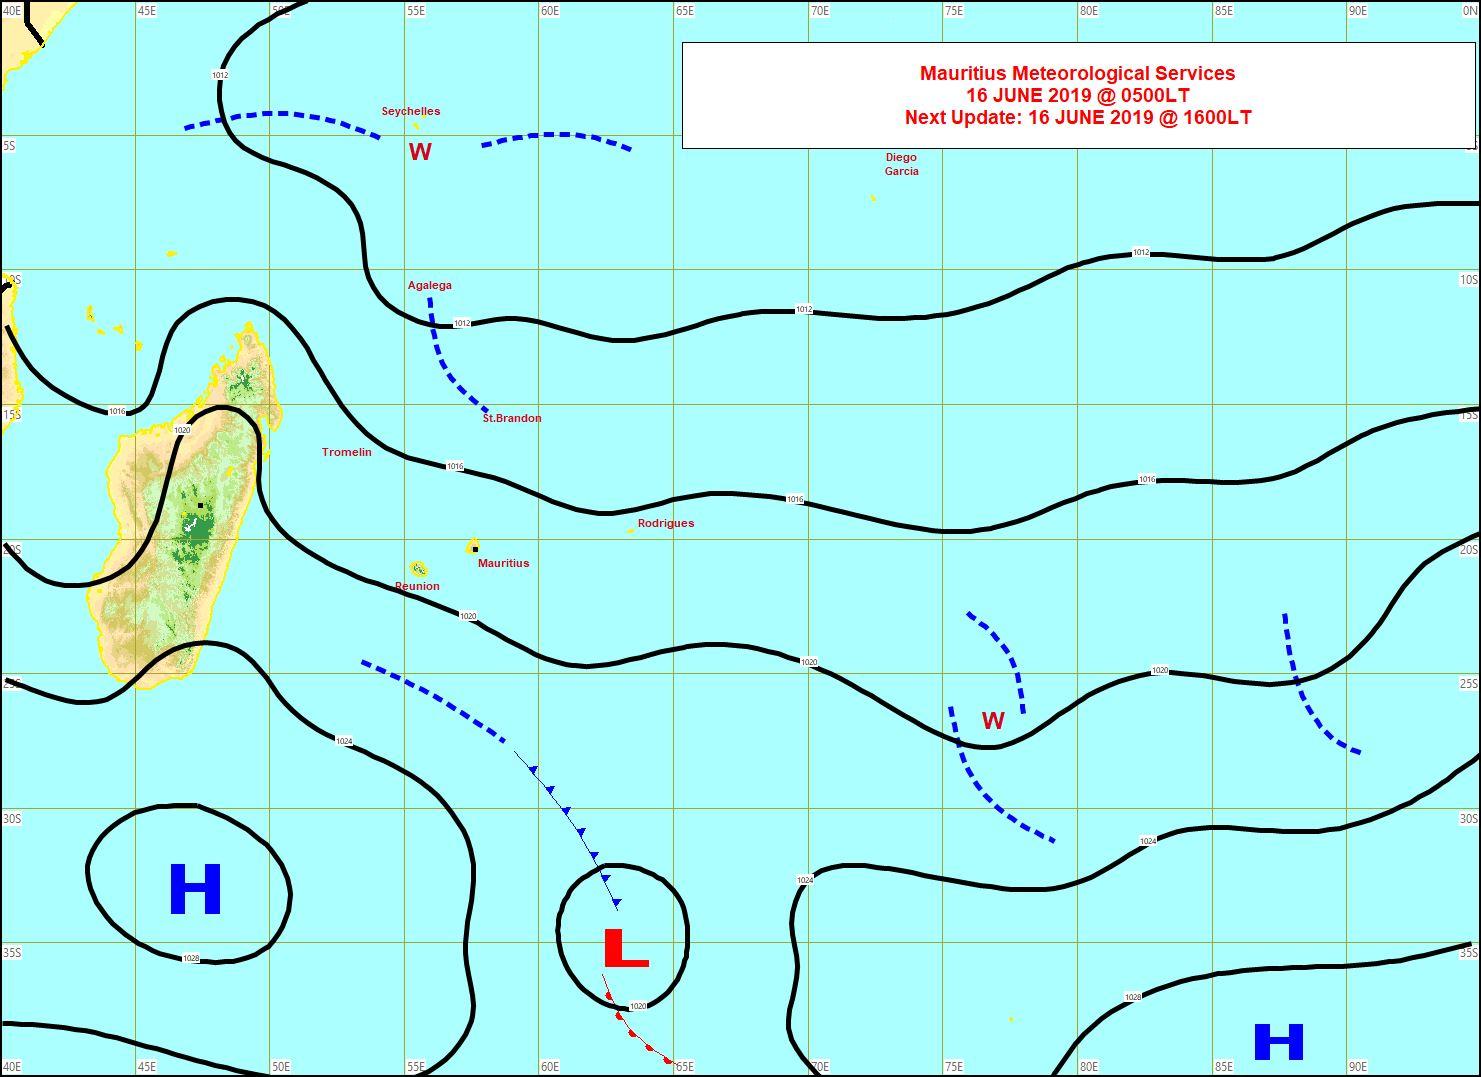 Analyse de la situation de surface ce matin. Un anticyclone(H) modéré vient se positionner au sud des Mascareignes et renforce un peu l'alizé mais sans excès. MMS